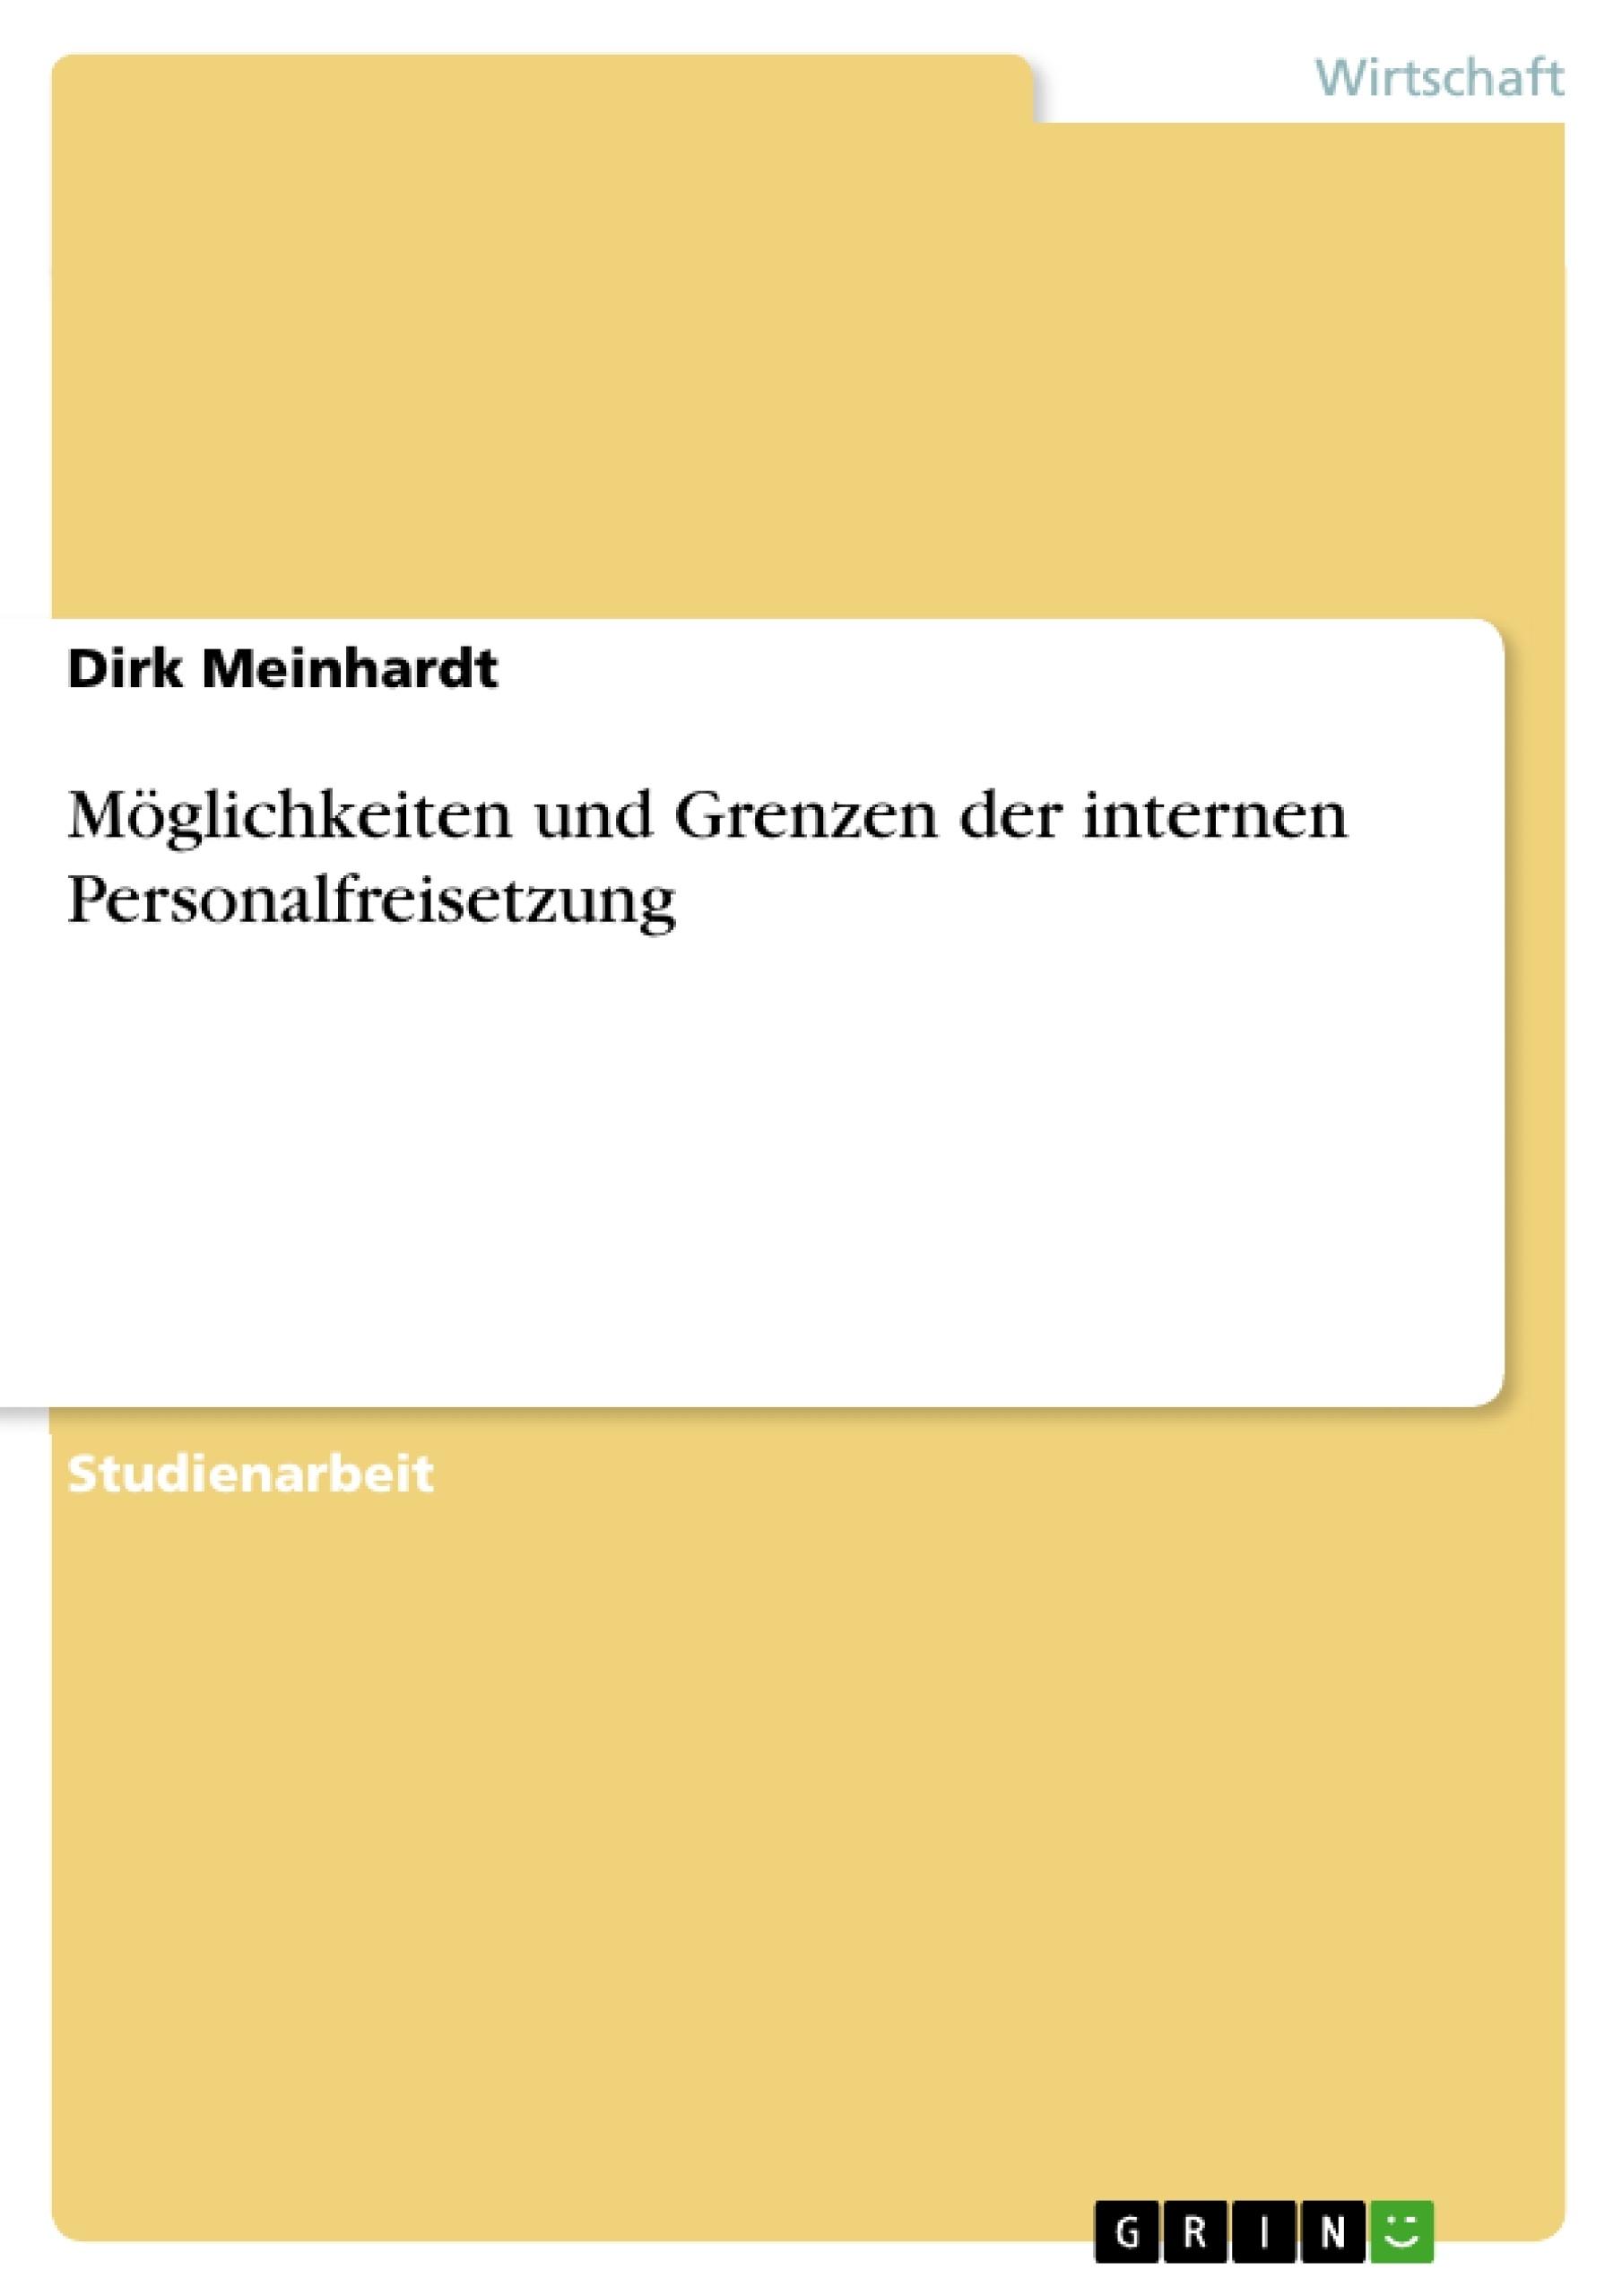 Titel: Möglichkeiten und Grenzen der internen Personalfreisetzung